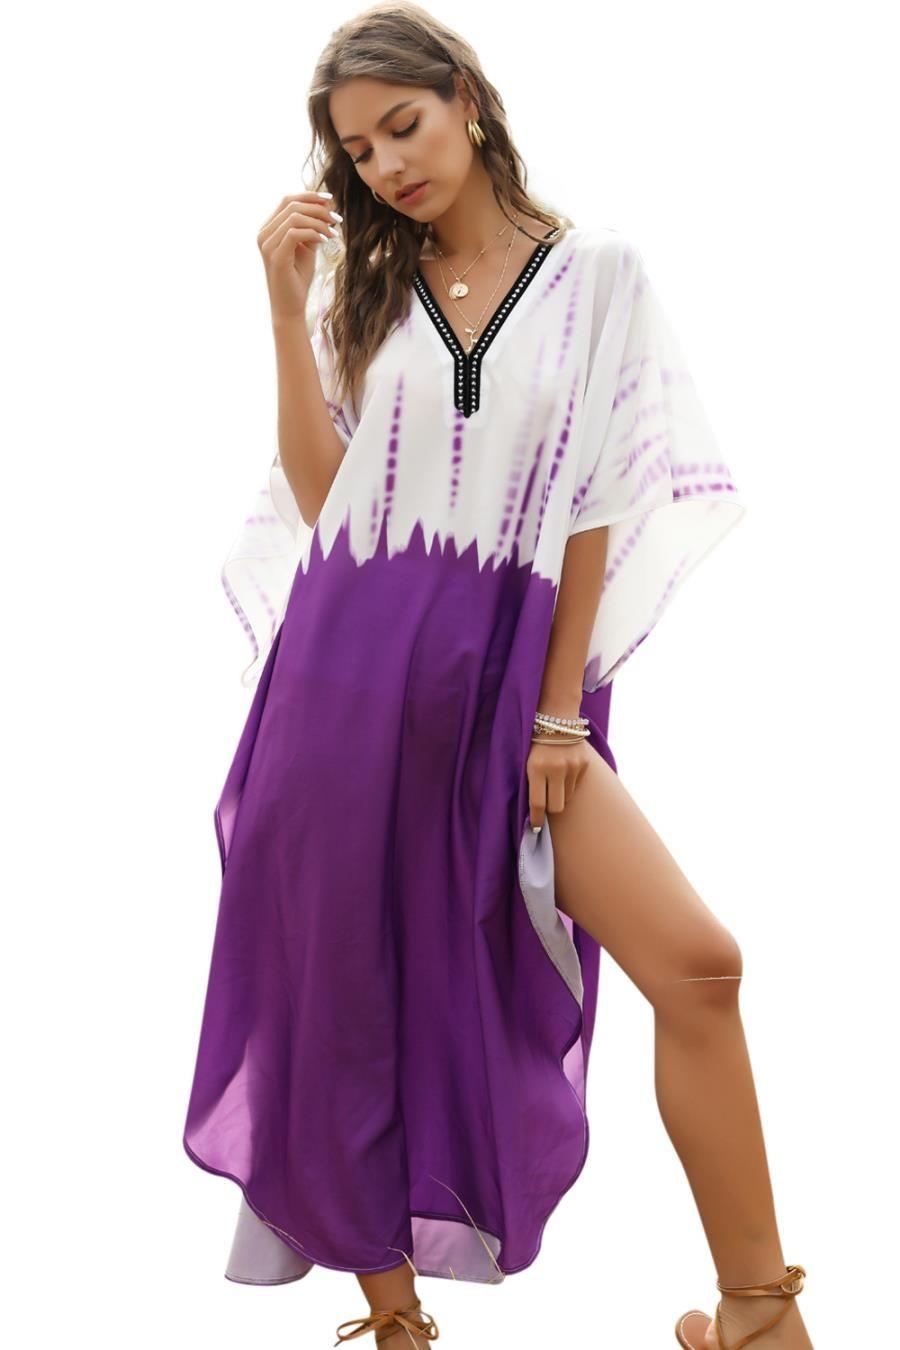 халат юбка вечерние платья повседневная женская одежда женщины Ближнего Востока горячий мусульманский синий фиолетовый рукав летучей мыши халат большое женское платье